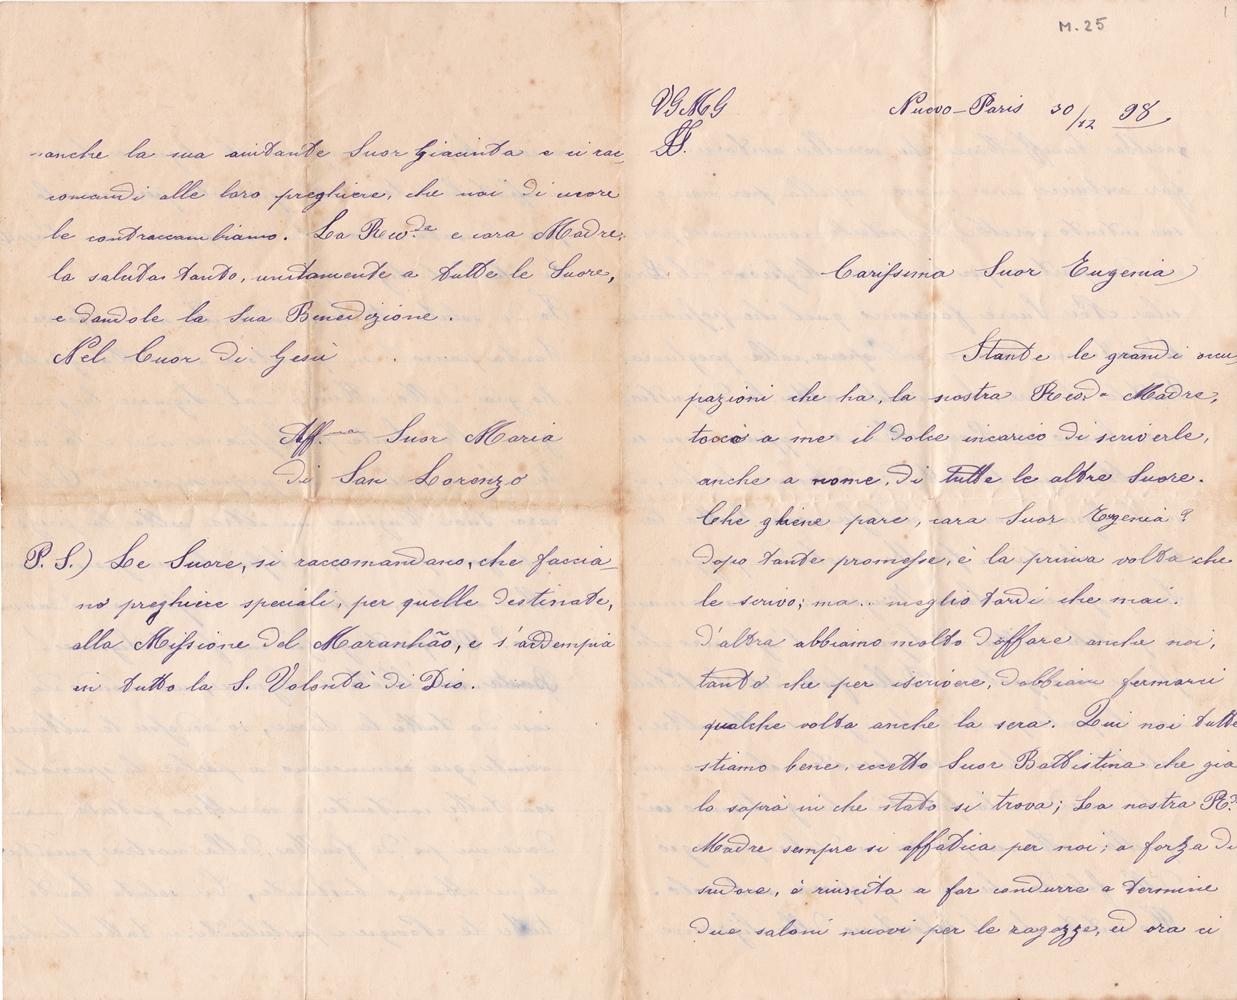 Lettera a sr. Eugenia del 30 dicembre 1898 recto